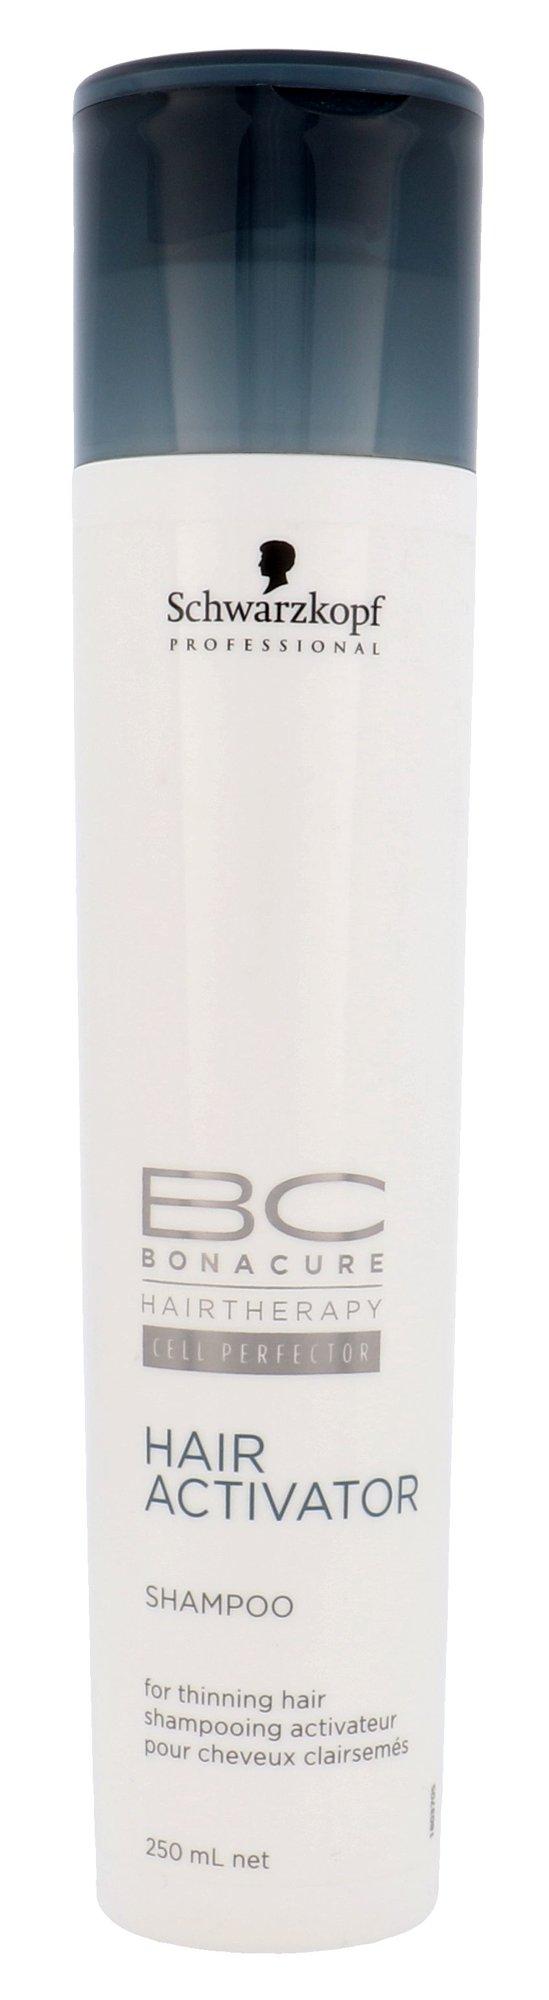 Schwarzkopf BC Bonacure Hair Activator Cosmetic 250ml